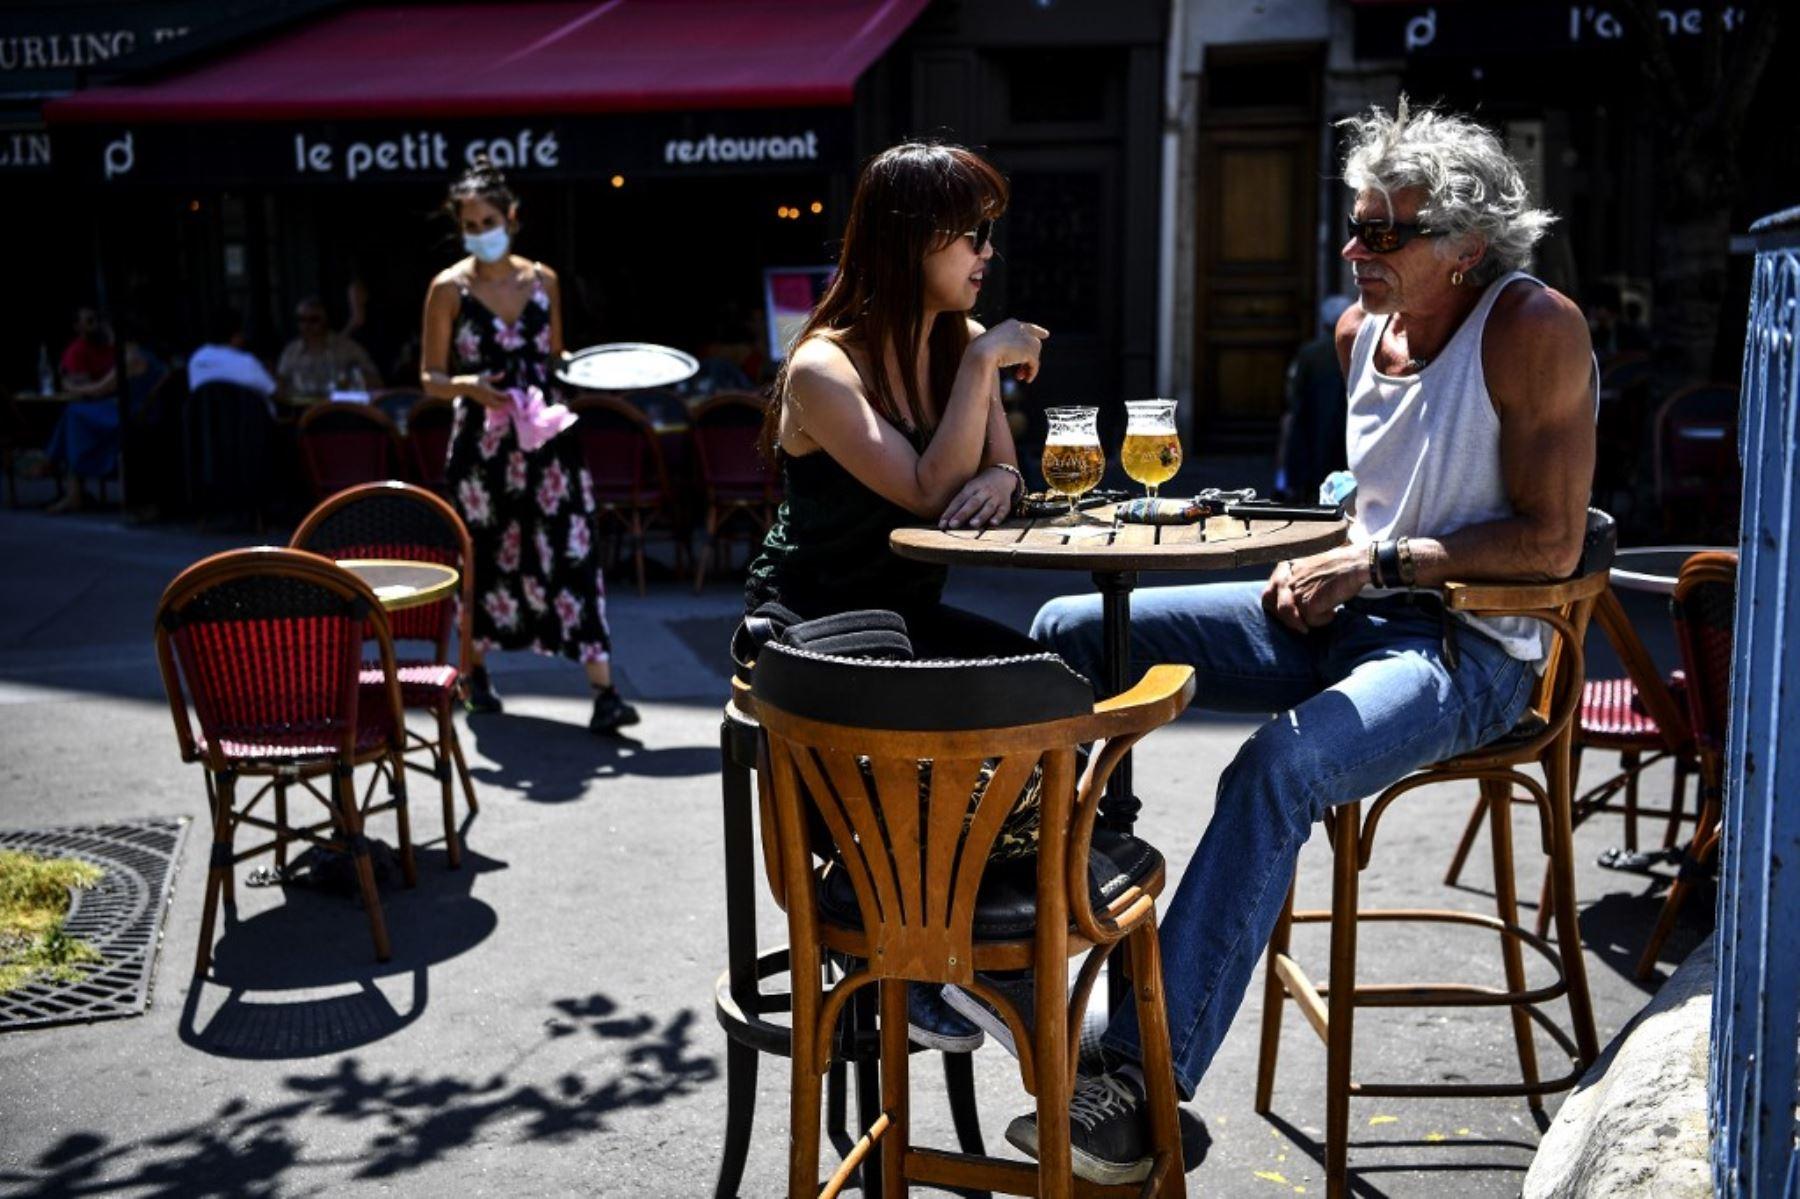 Los clientes toman bebidas en la terraza de un café-restaurante en París. Foto: AFP